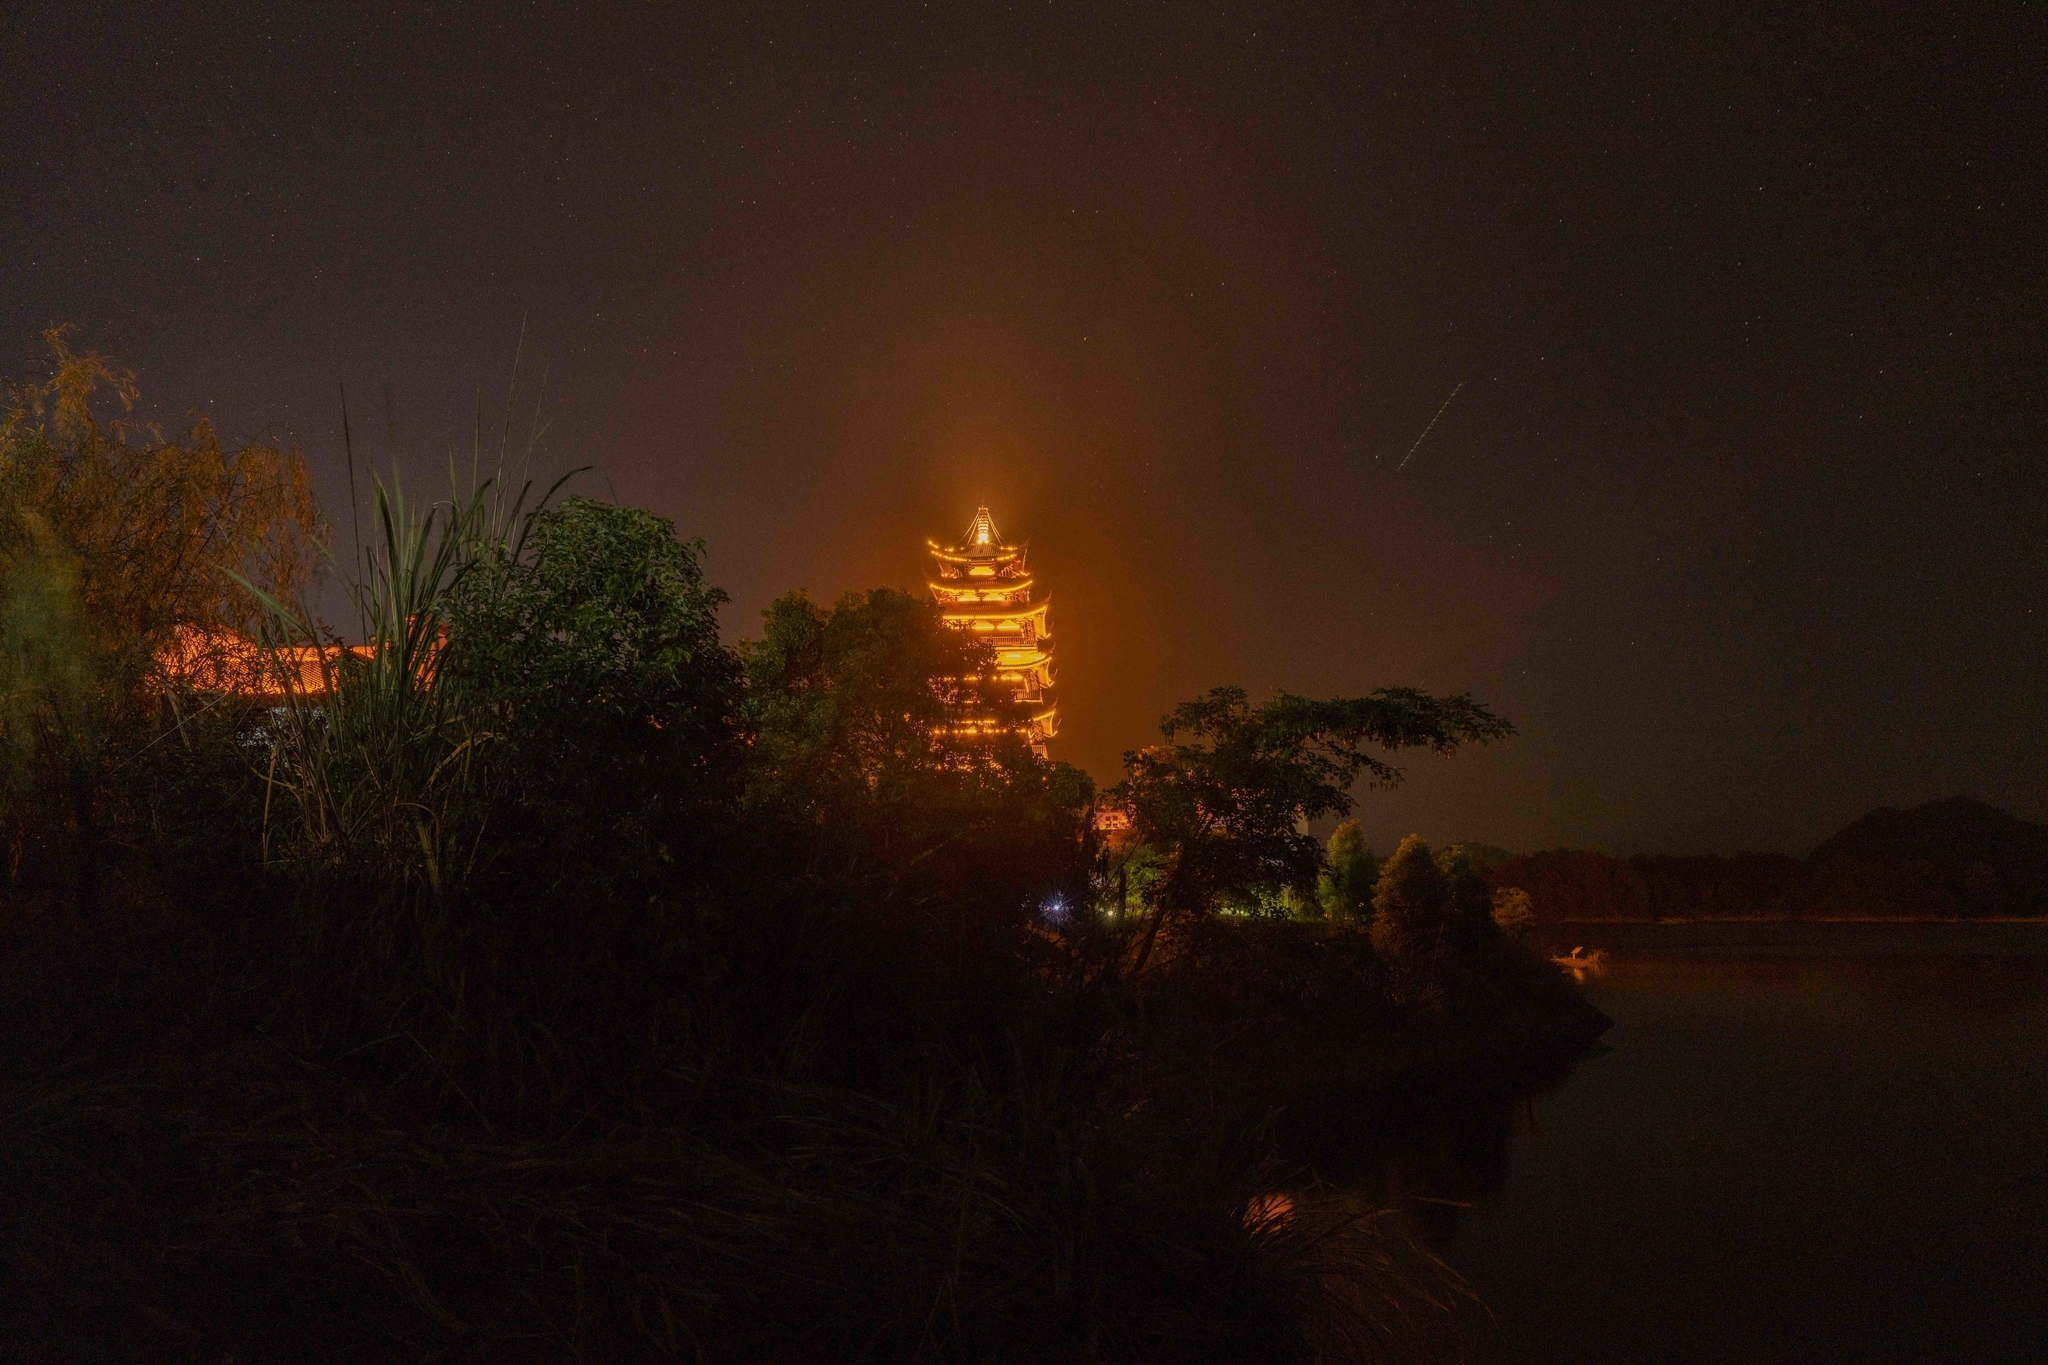 姜家镇 塔の明かり